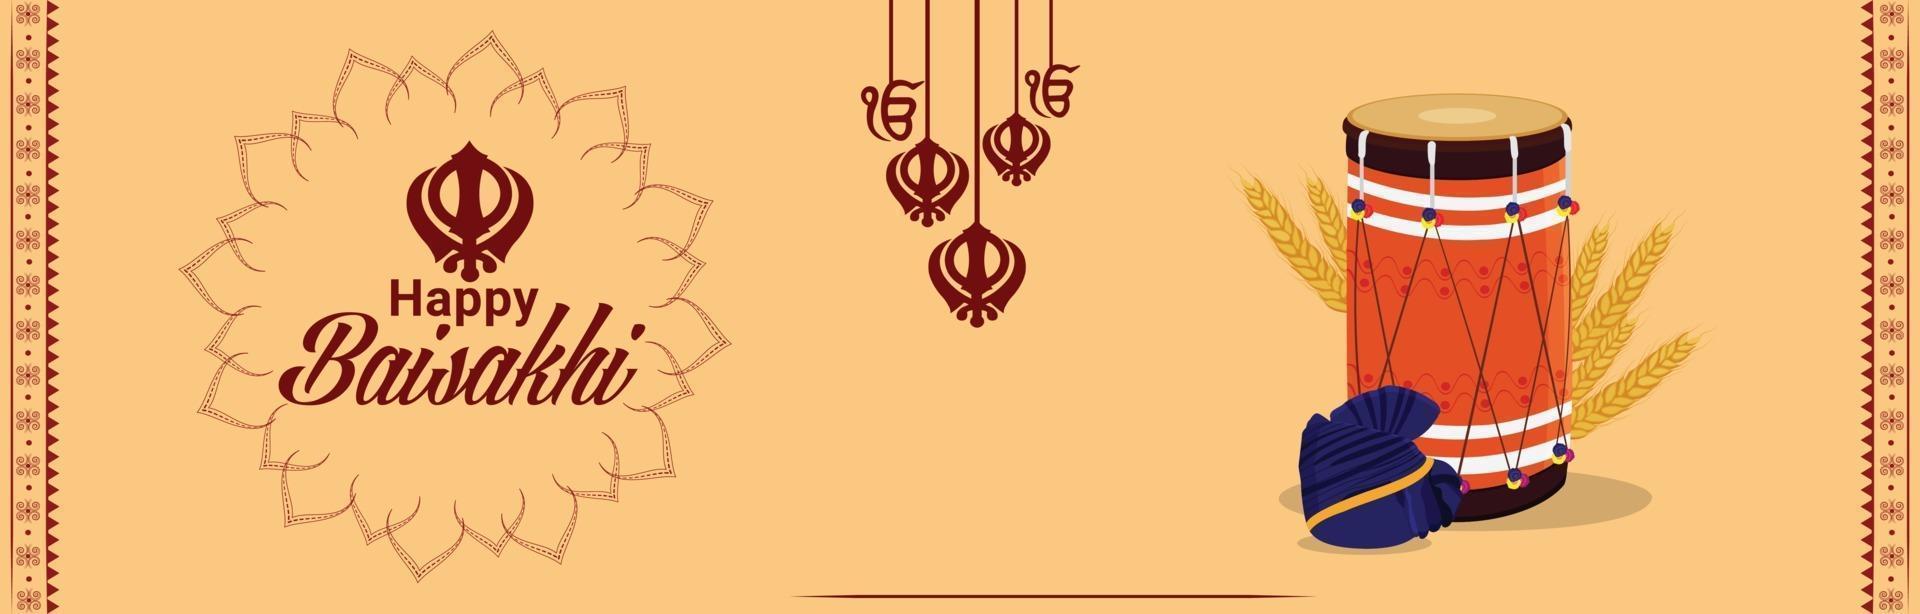 banner de celebración del festival sij indio de vaisakhi vector